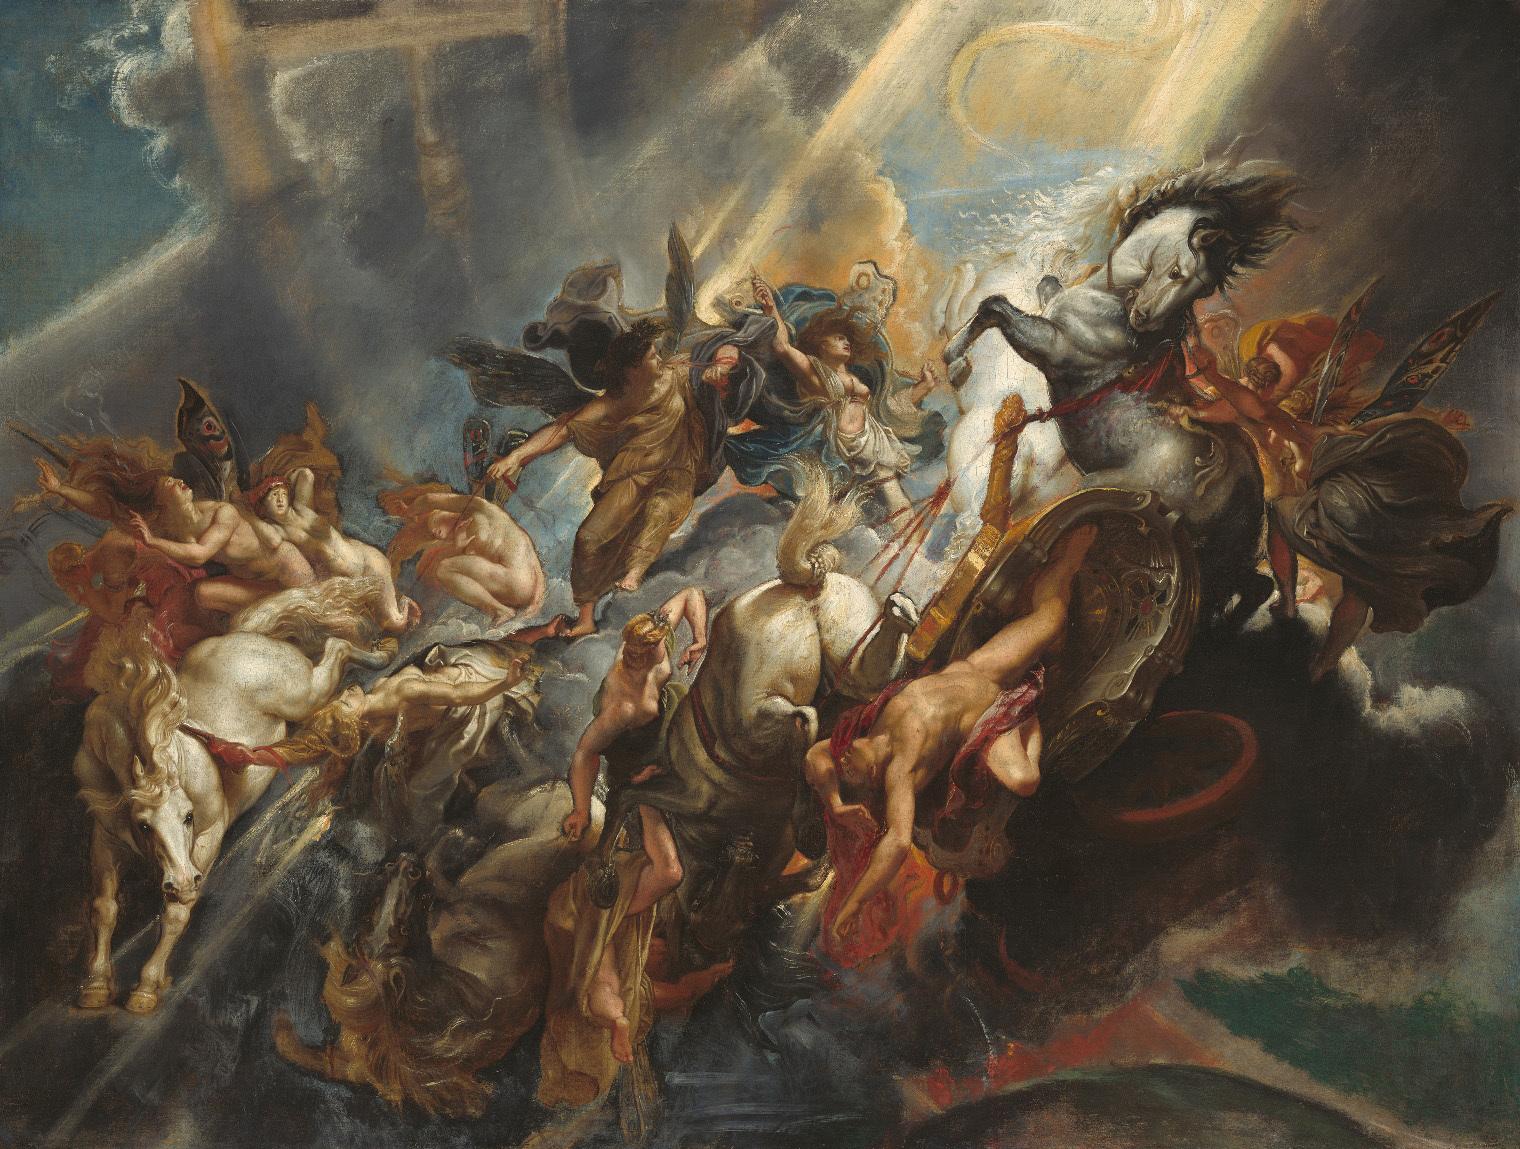 《パエトンの墜落》 ペーテル・パウル・ルーベンス 1604 / 05年 油彩/カンヴァス ワシントン、ナショナル・ギャラリー  National Gallery of Art, Washington, Patron's Permanent Fund, 1990.1.1